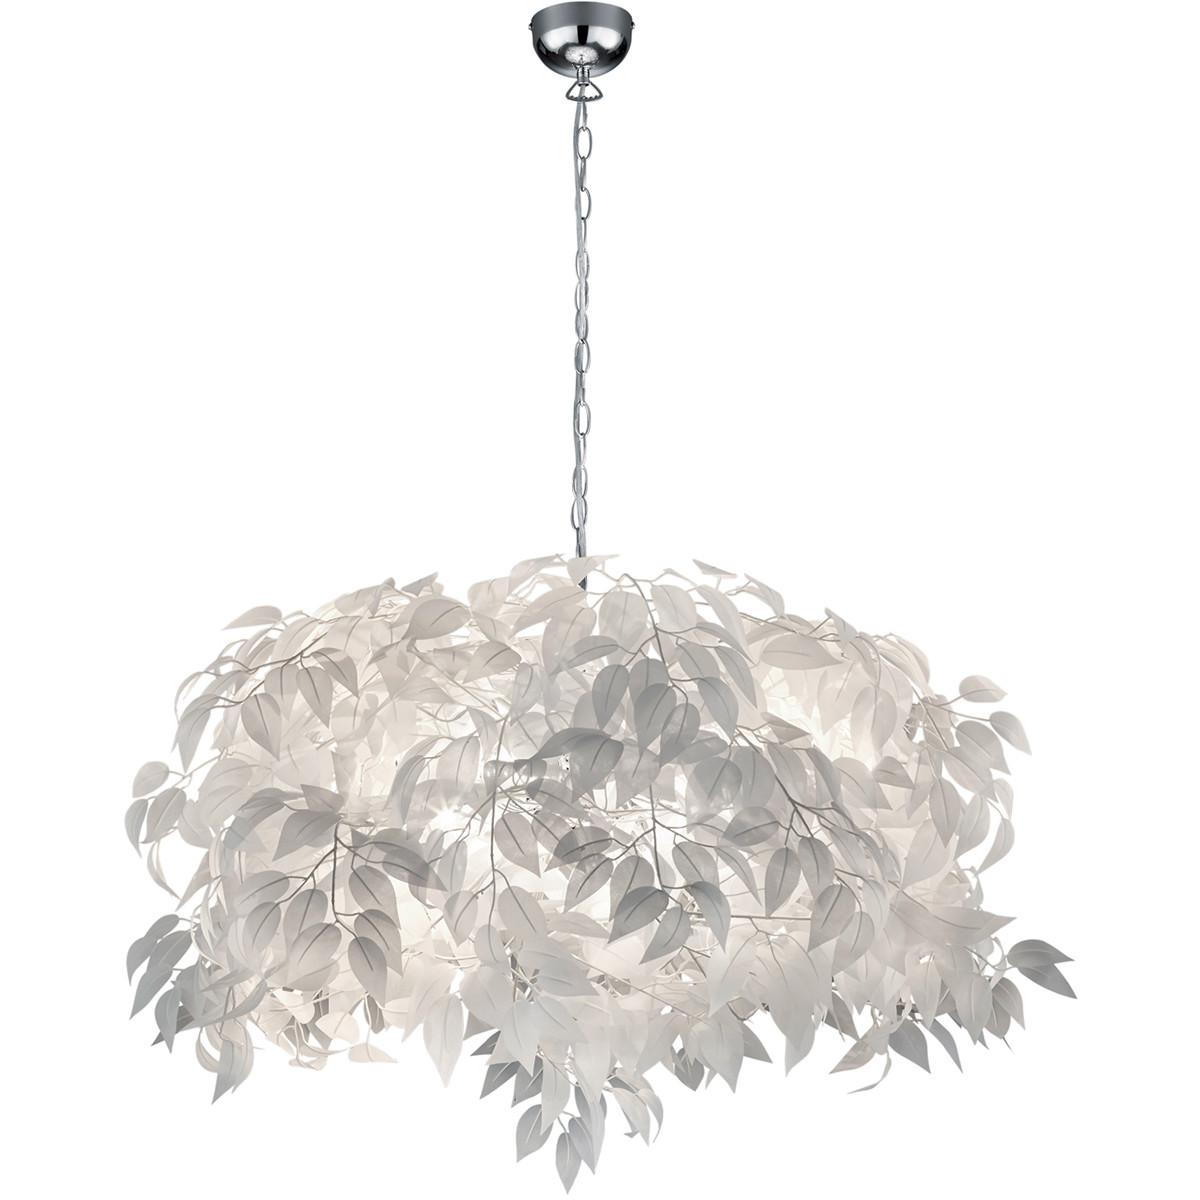 LED Hanglamp - Trion Lovy - E14 Fitting - 4-lichts - Rond - Glans Chroom Aluminium